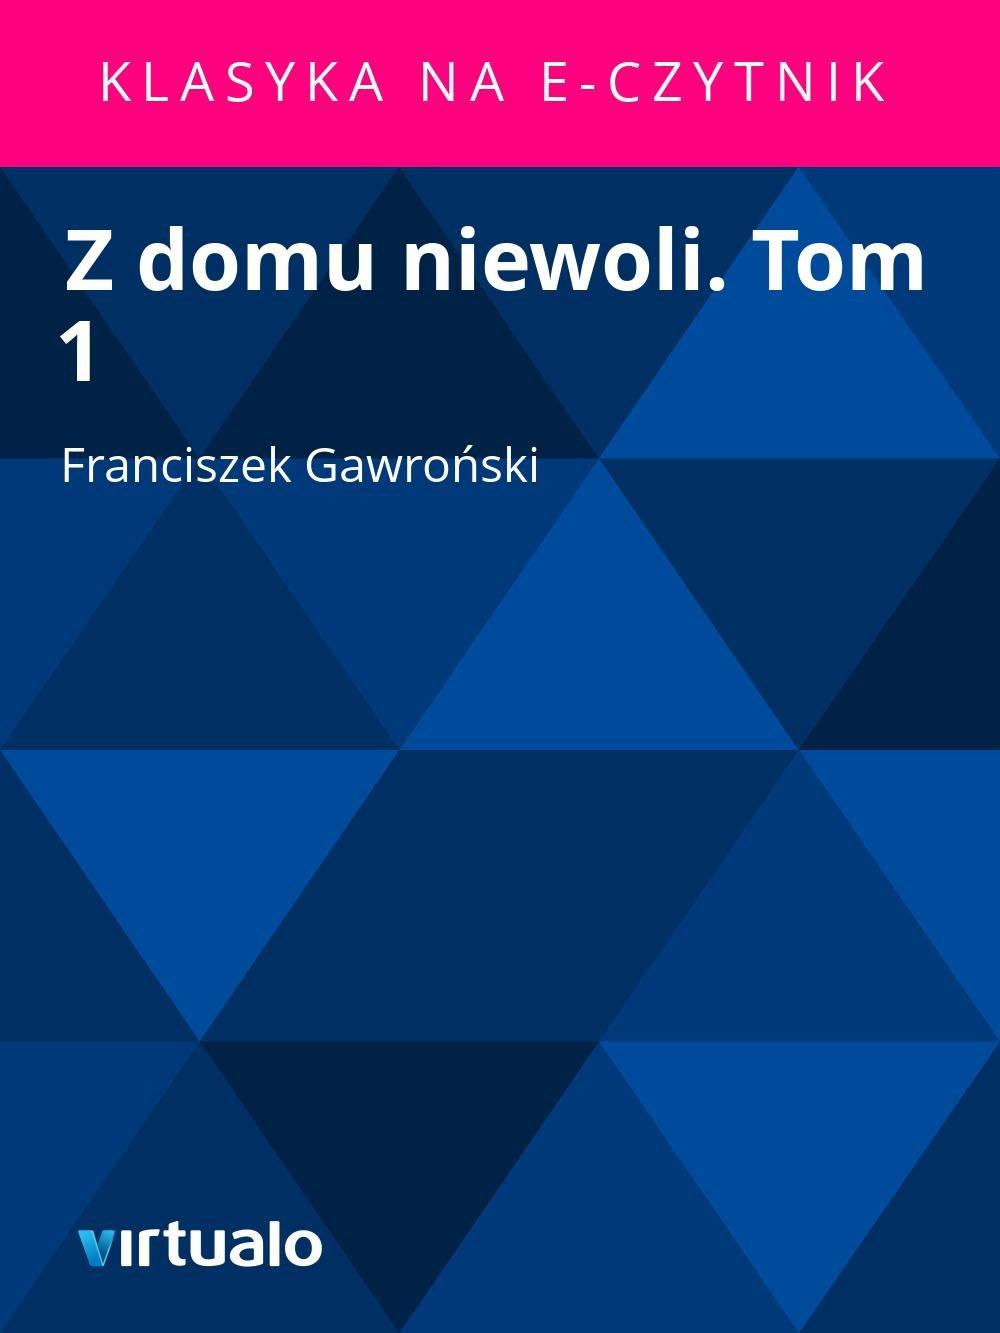 Z domu niewoli. Tom 1 - Ebook (Książka EPUB) do pobrania w formacie EPUB